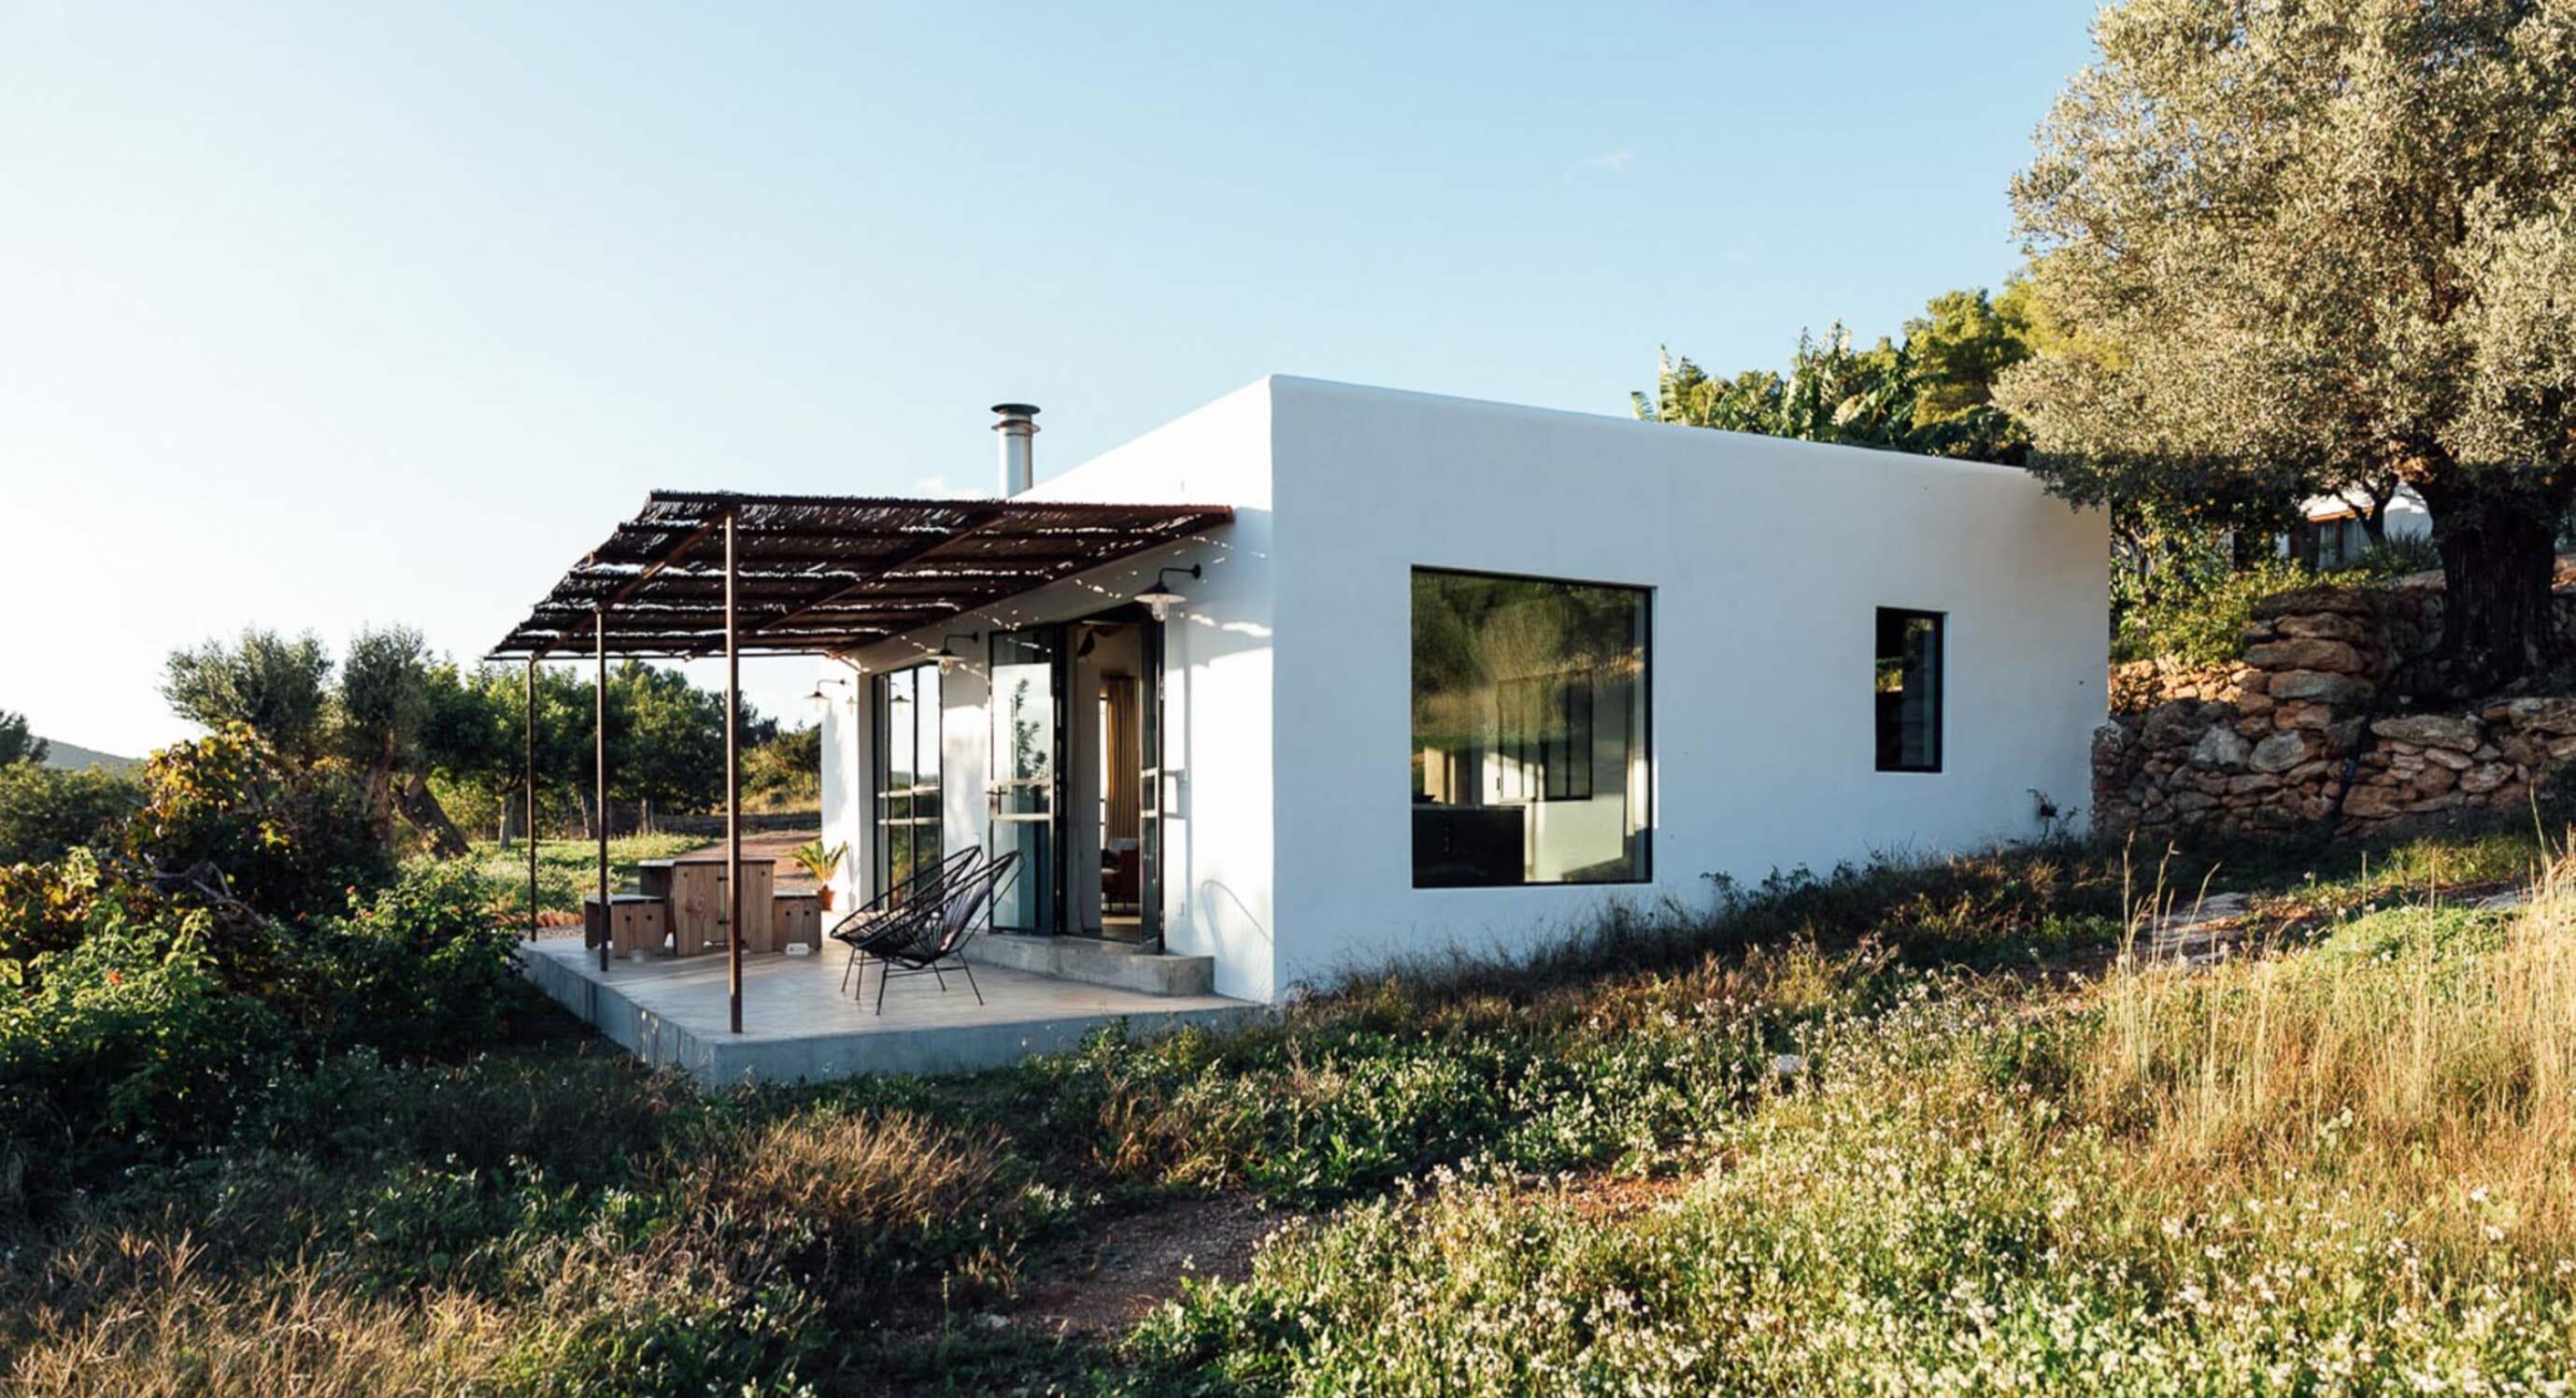 Jurjen van Hulzen Transforms An Ibiza Warehouse Into His Dream Home